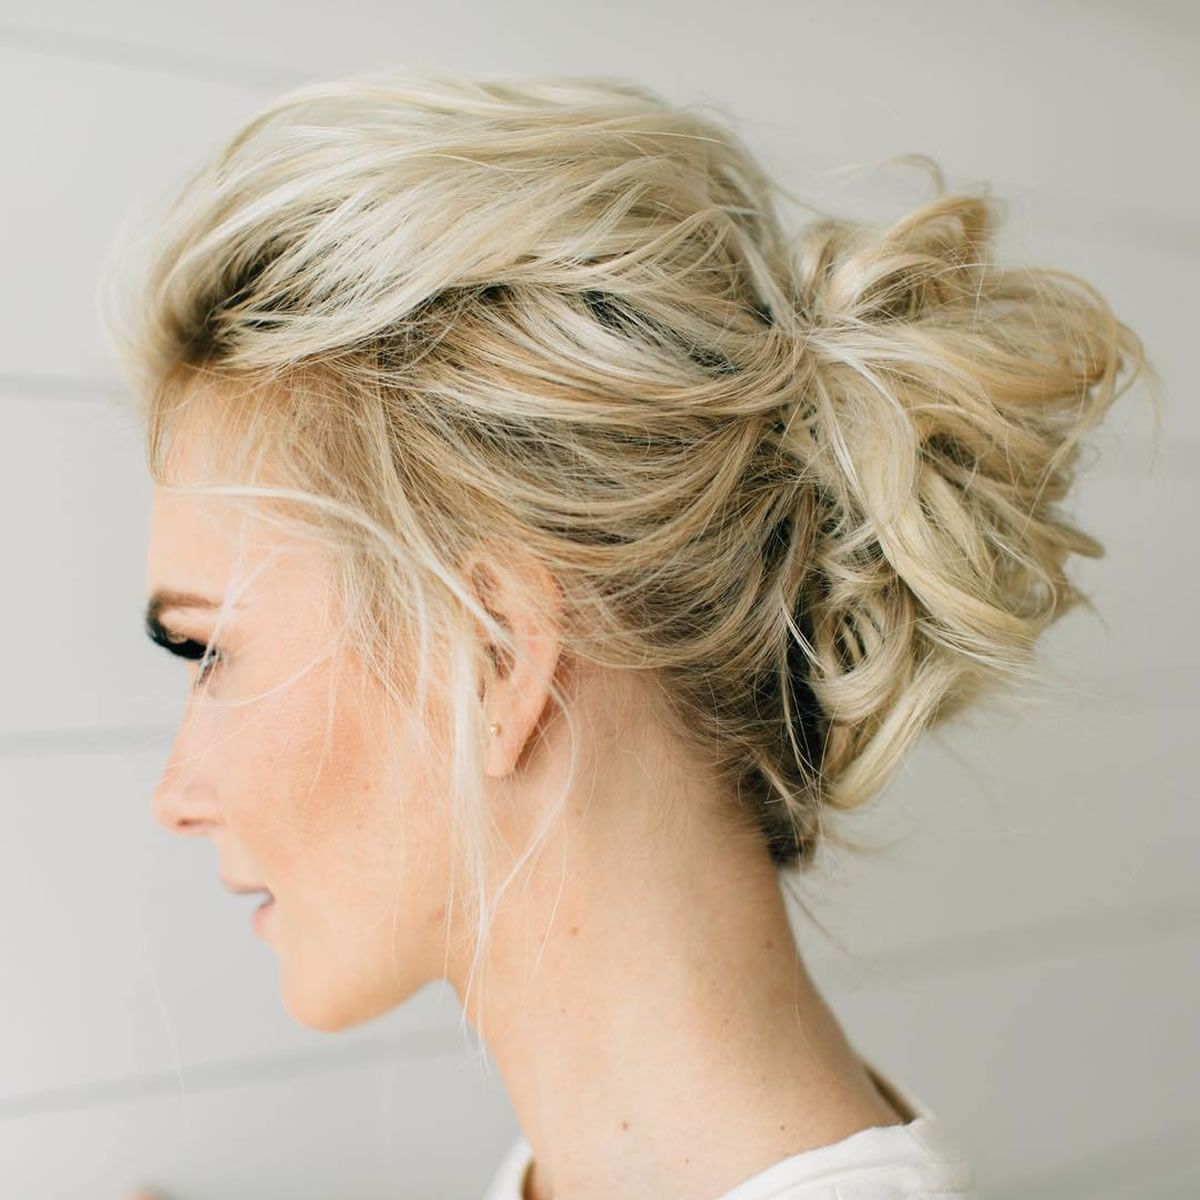 Kreative Haarfarbe Ideen für mittellanges Haar  Lässige